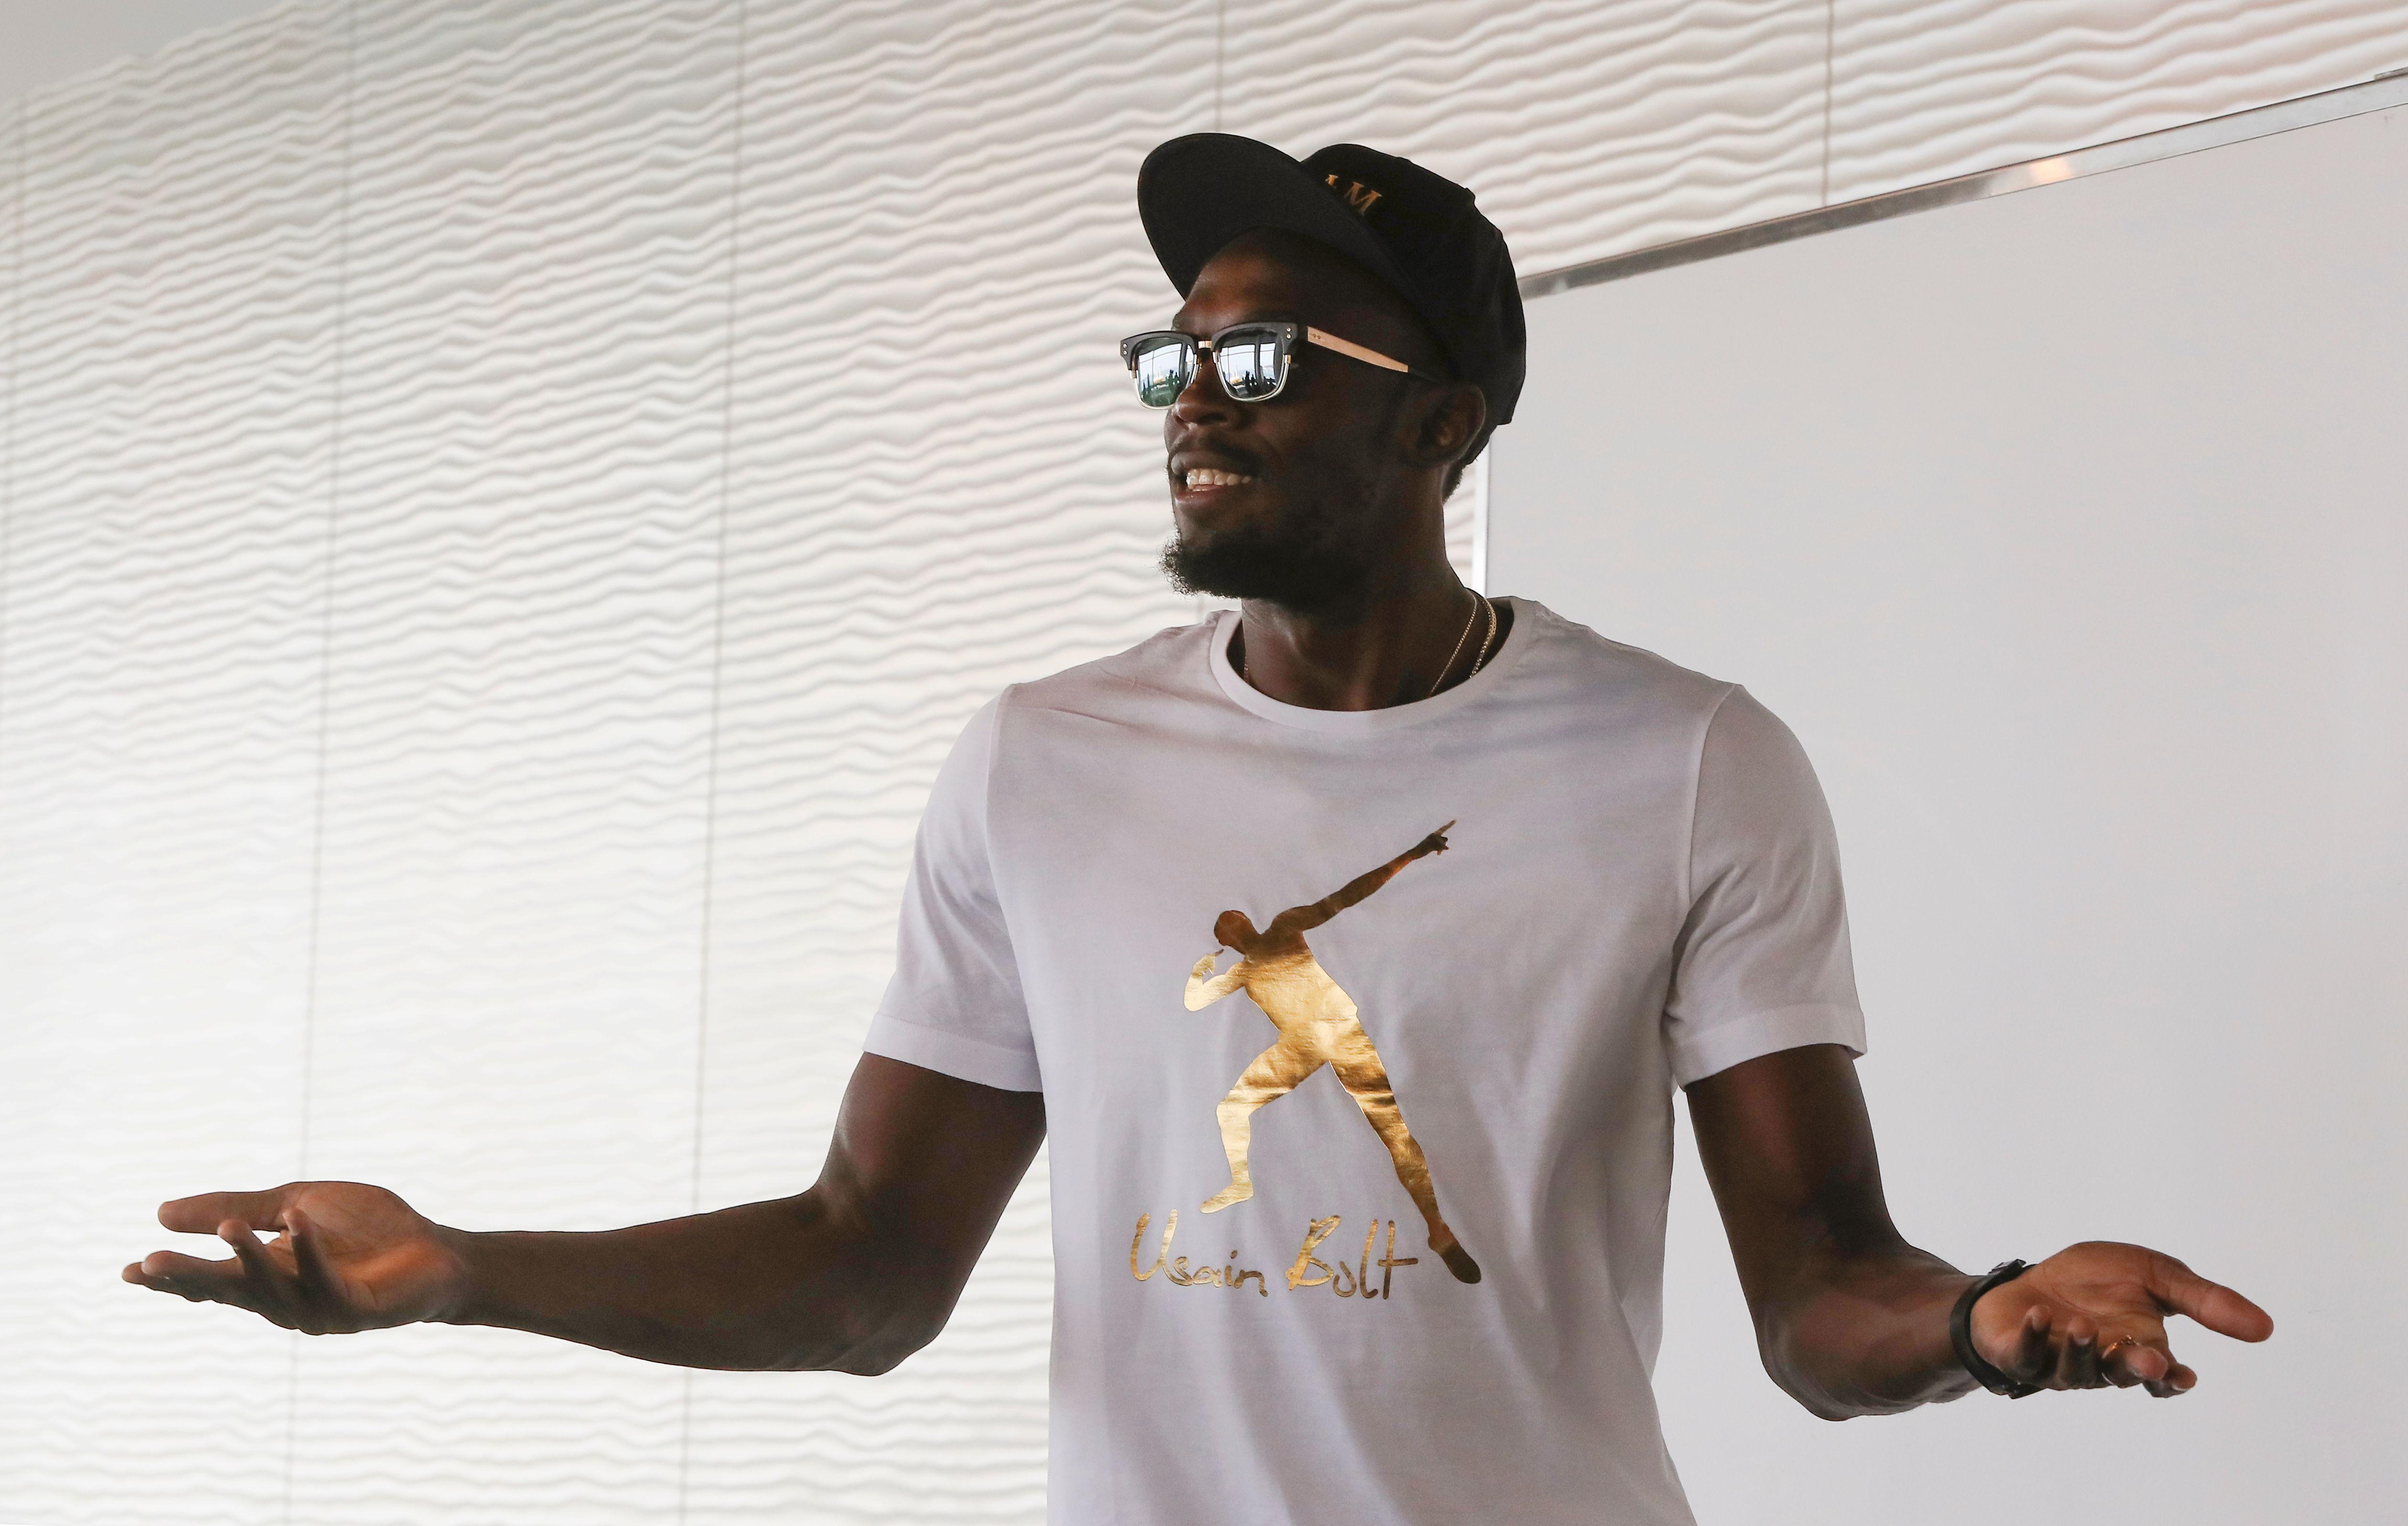 Athlétisme - Bolt : «Si je vais gagner ? Sans aucun doute. Question stupide !»